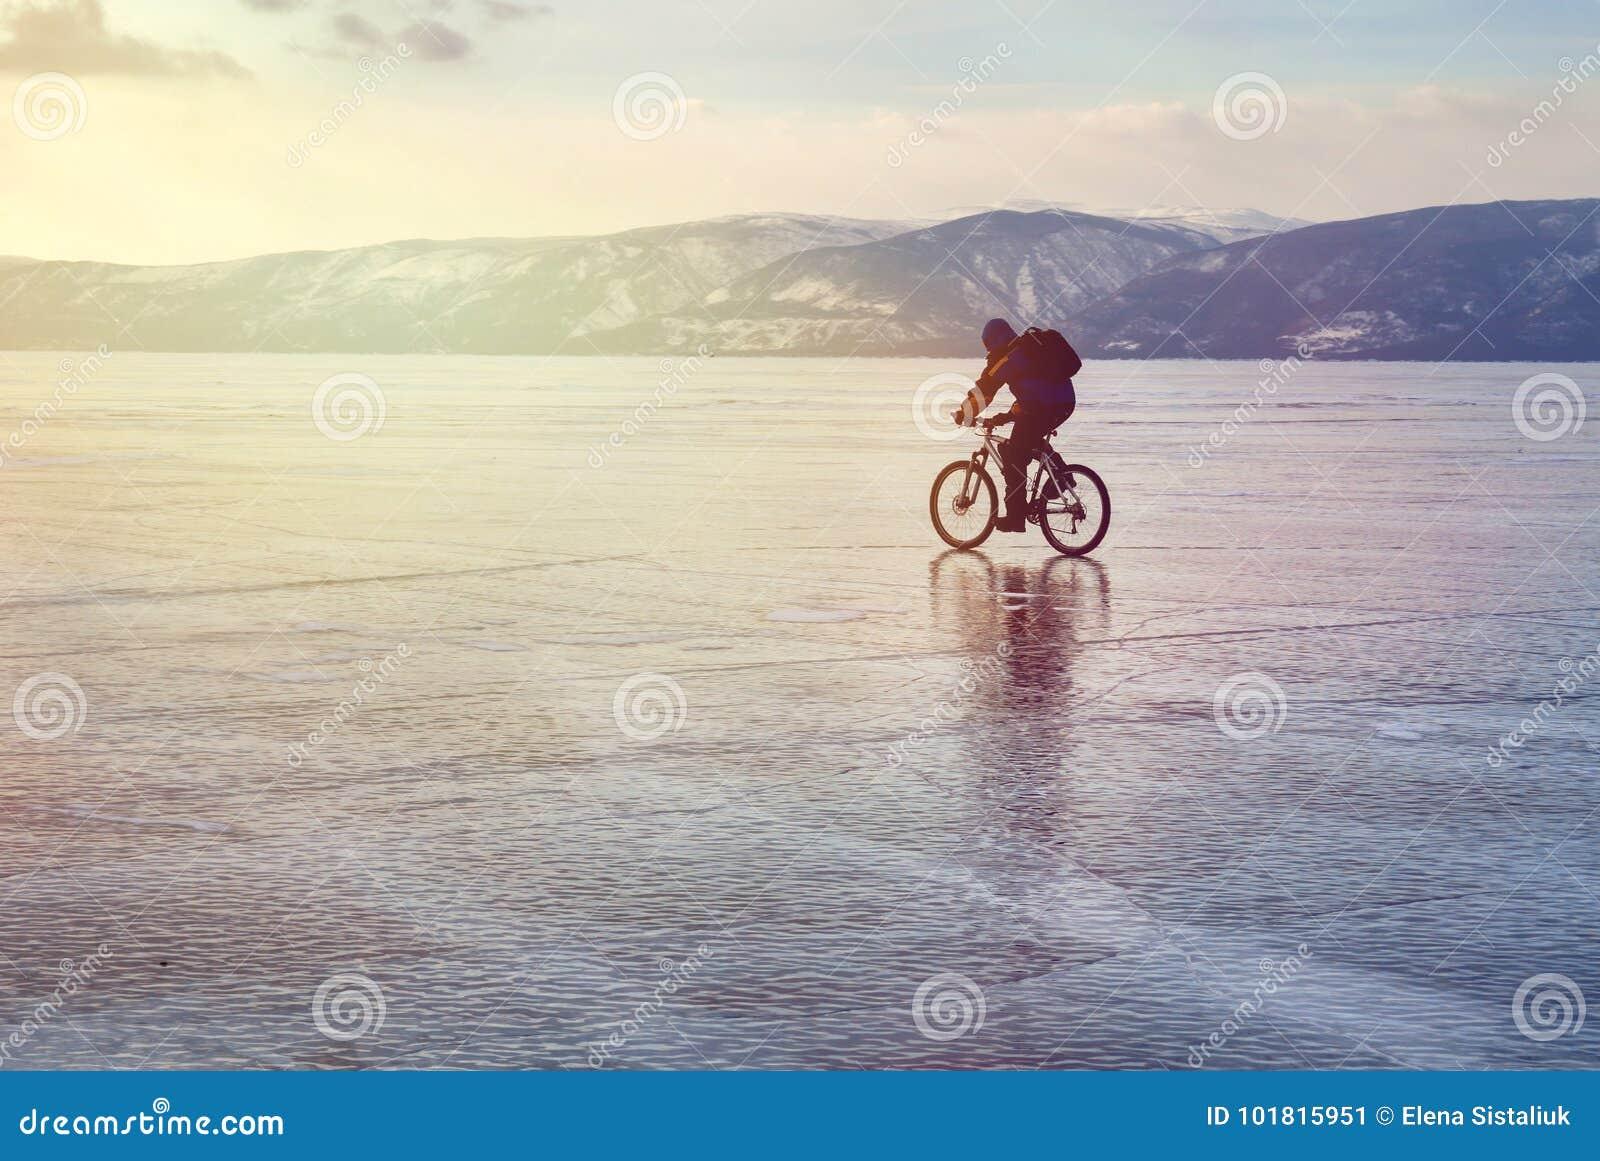 Congele o viajante do motociclista com as trouxas na bicicleta no gelo do Lago Baikal Na perspectiva do céu do por do sol, superf